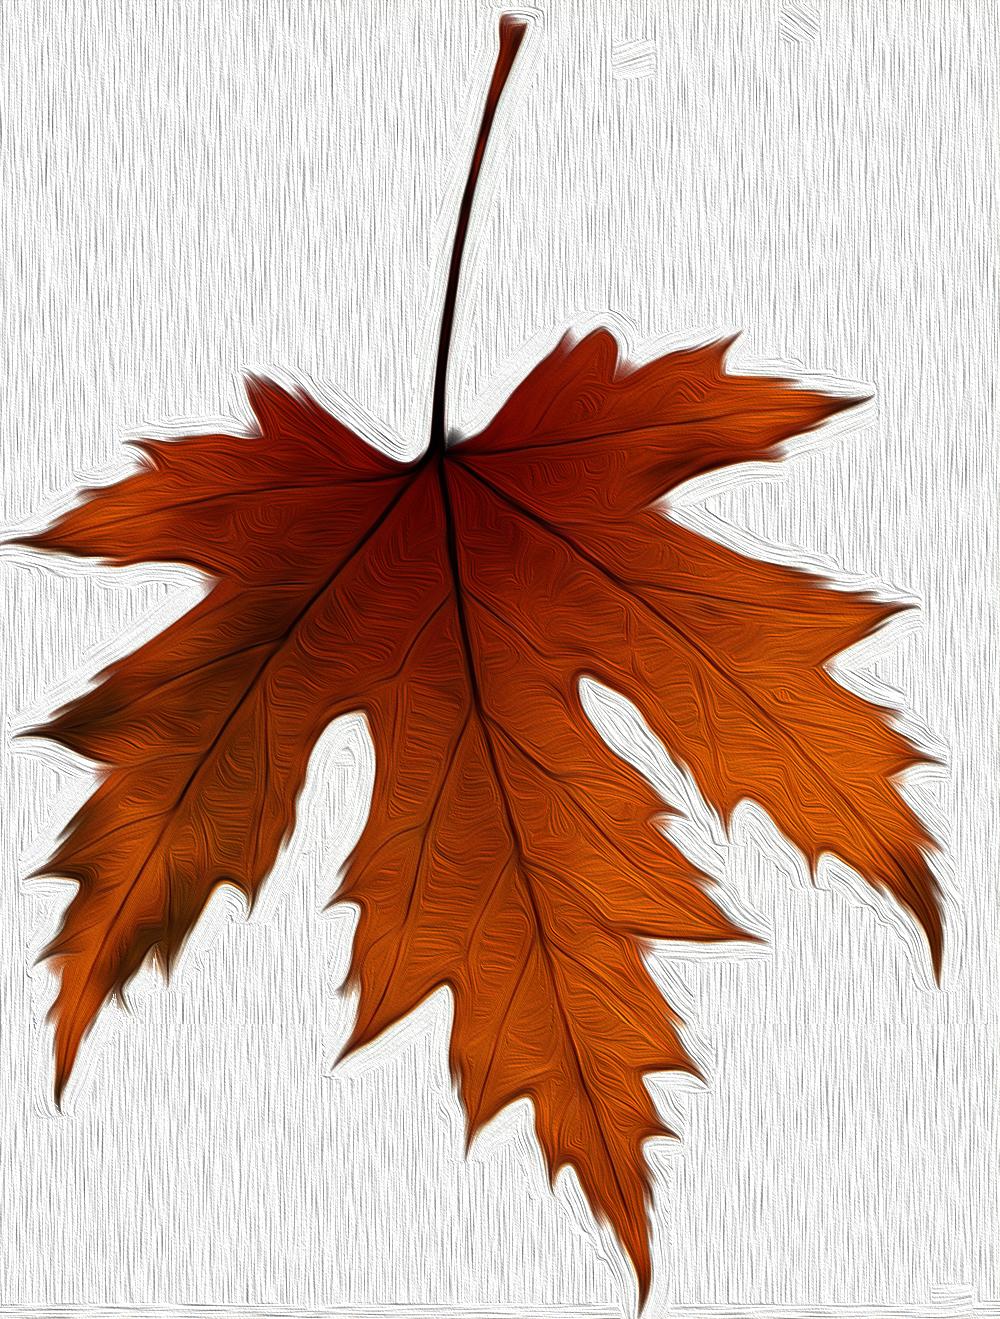 Hoja De Un árbol Ilustraciones Gratis 3d Suelos Hojas De Arbol Hojas Pintadas Hojas